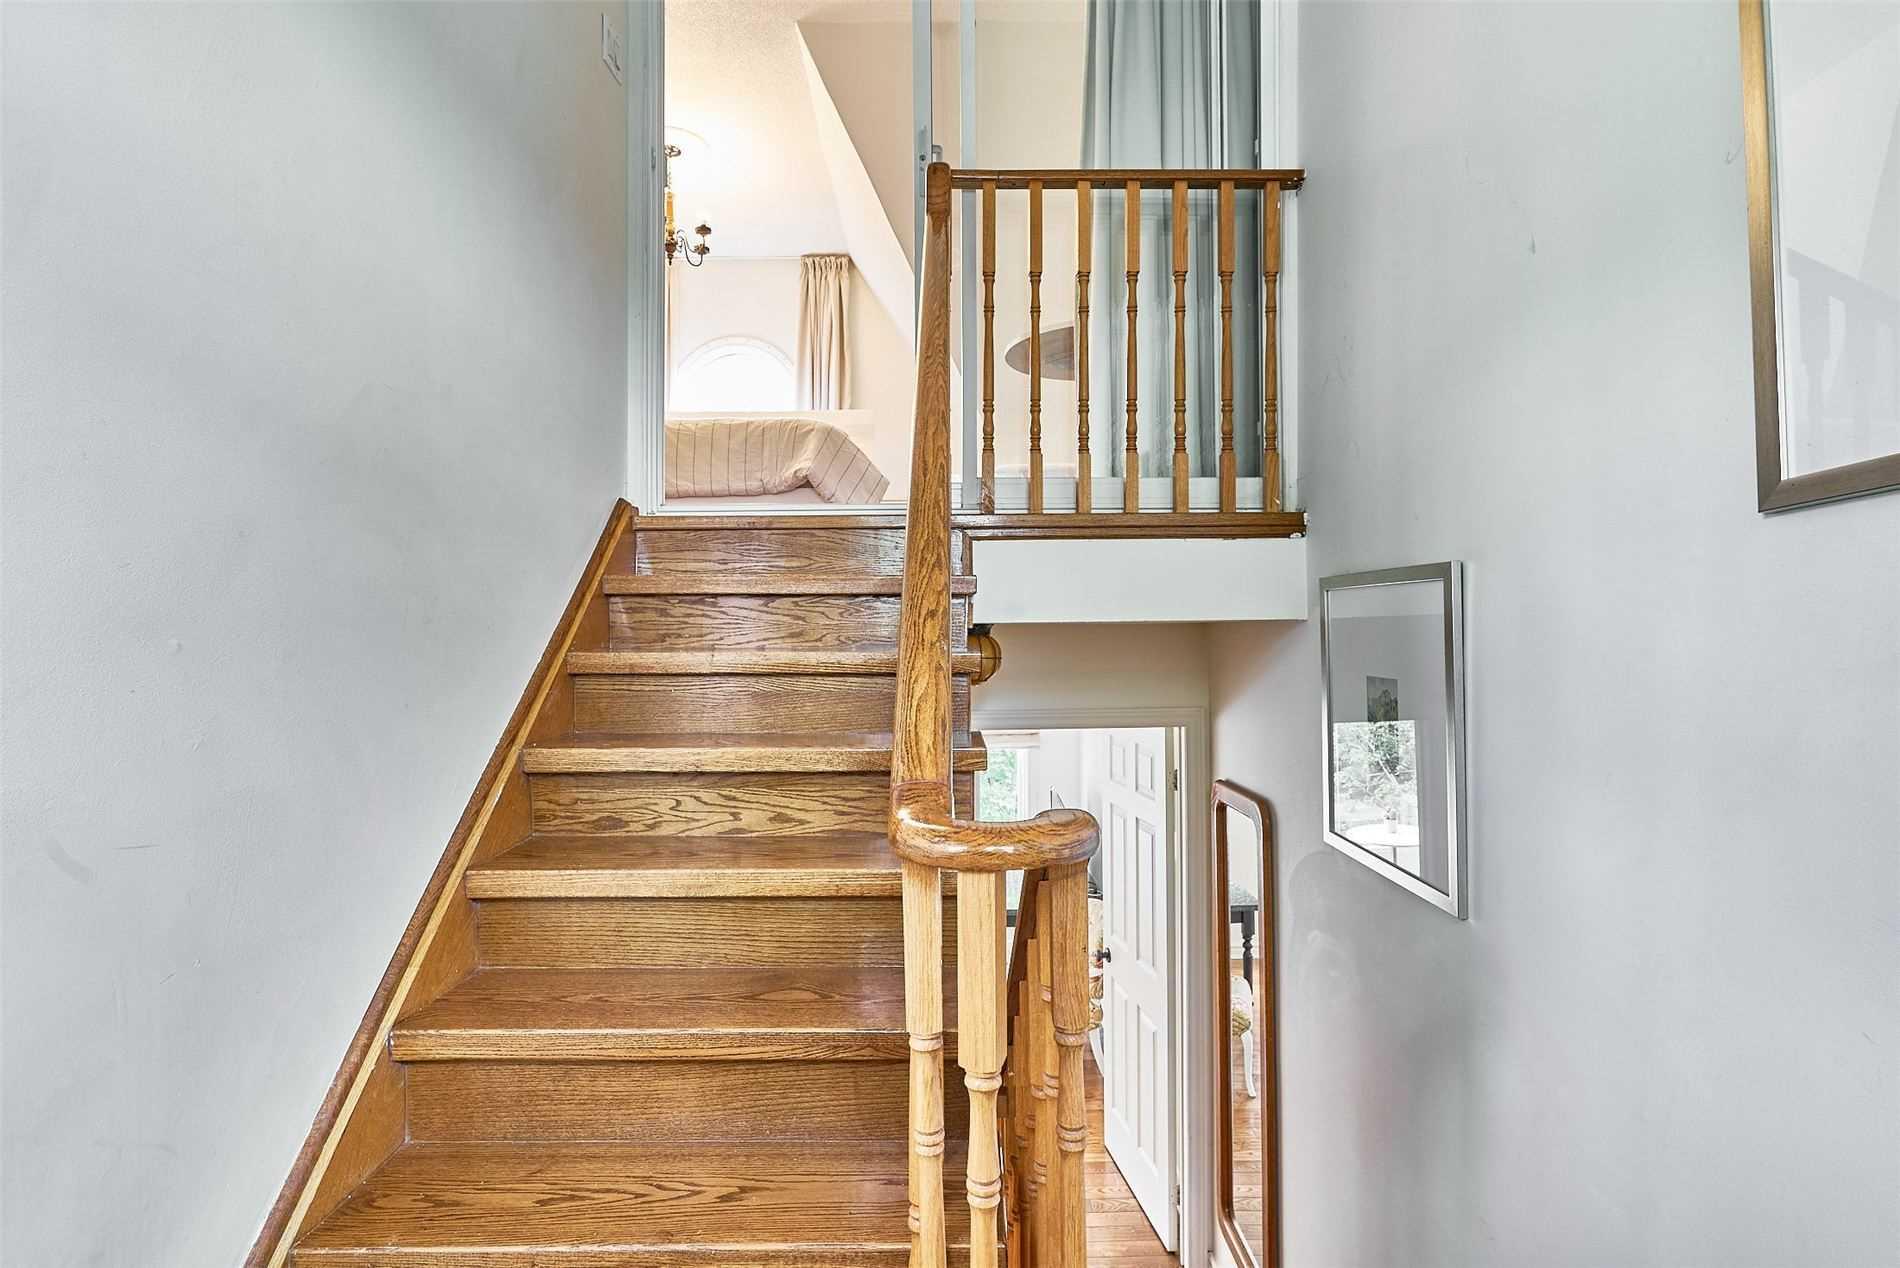 111 Springhurst Ave, Toronto, Ontario M6K1B9, 3 Bedrooms Bedrooms, 6 Rooms Rooms,3 BathroomsBathrooms,Att/row/twnhouse,For Sale,Springhurst,W4915561